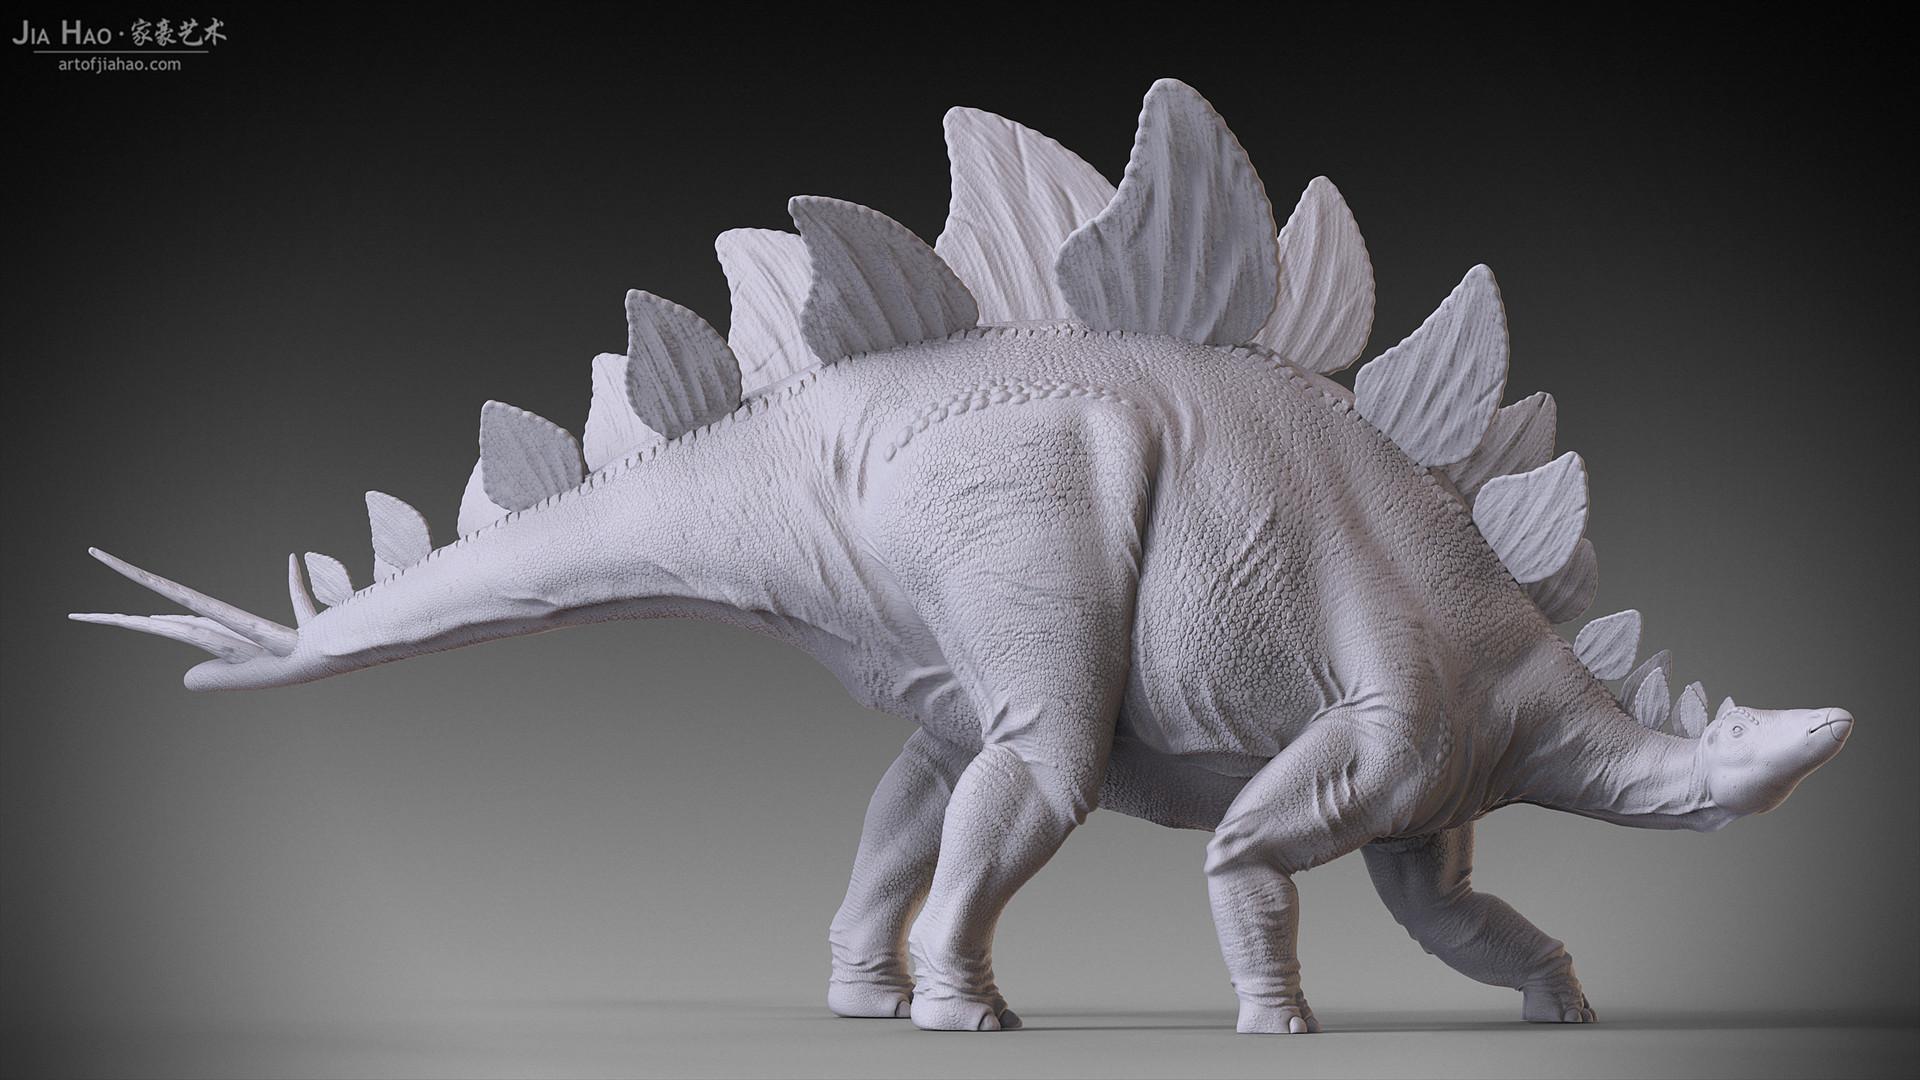 Jia hao stegosaurus 01